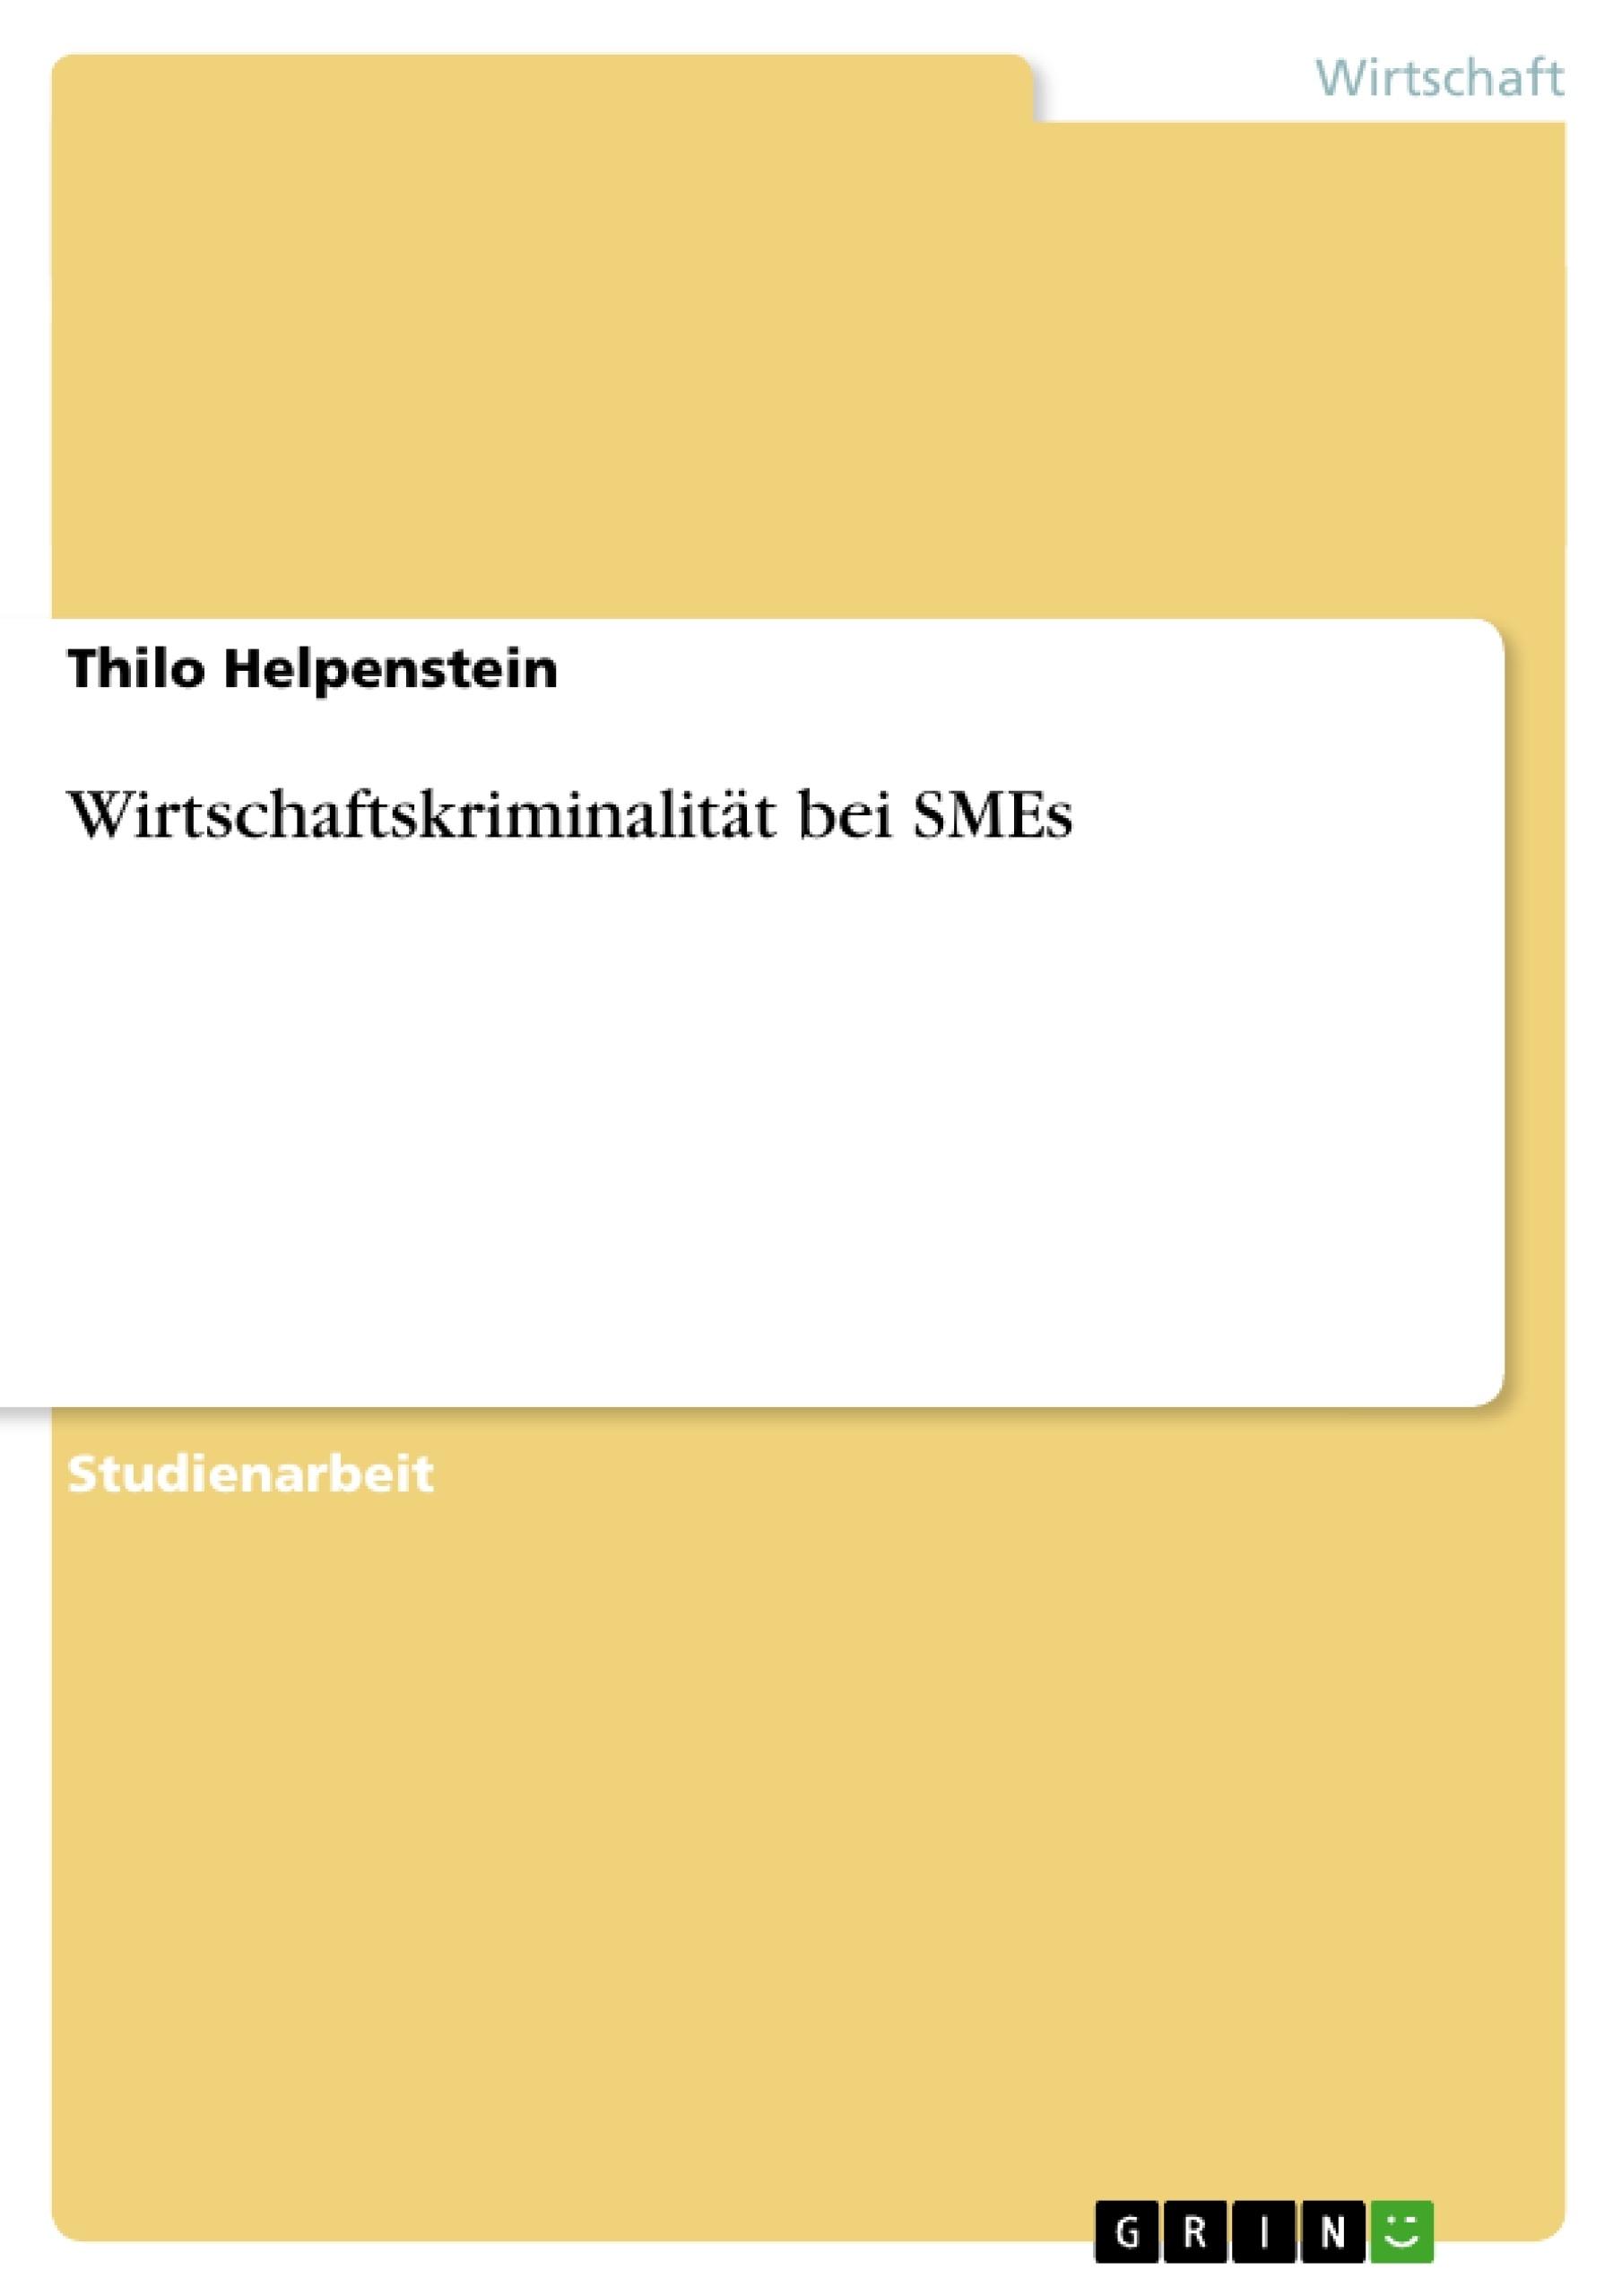 Titel: Wirtschaftskriminalität bei SMEs